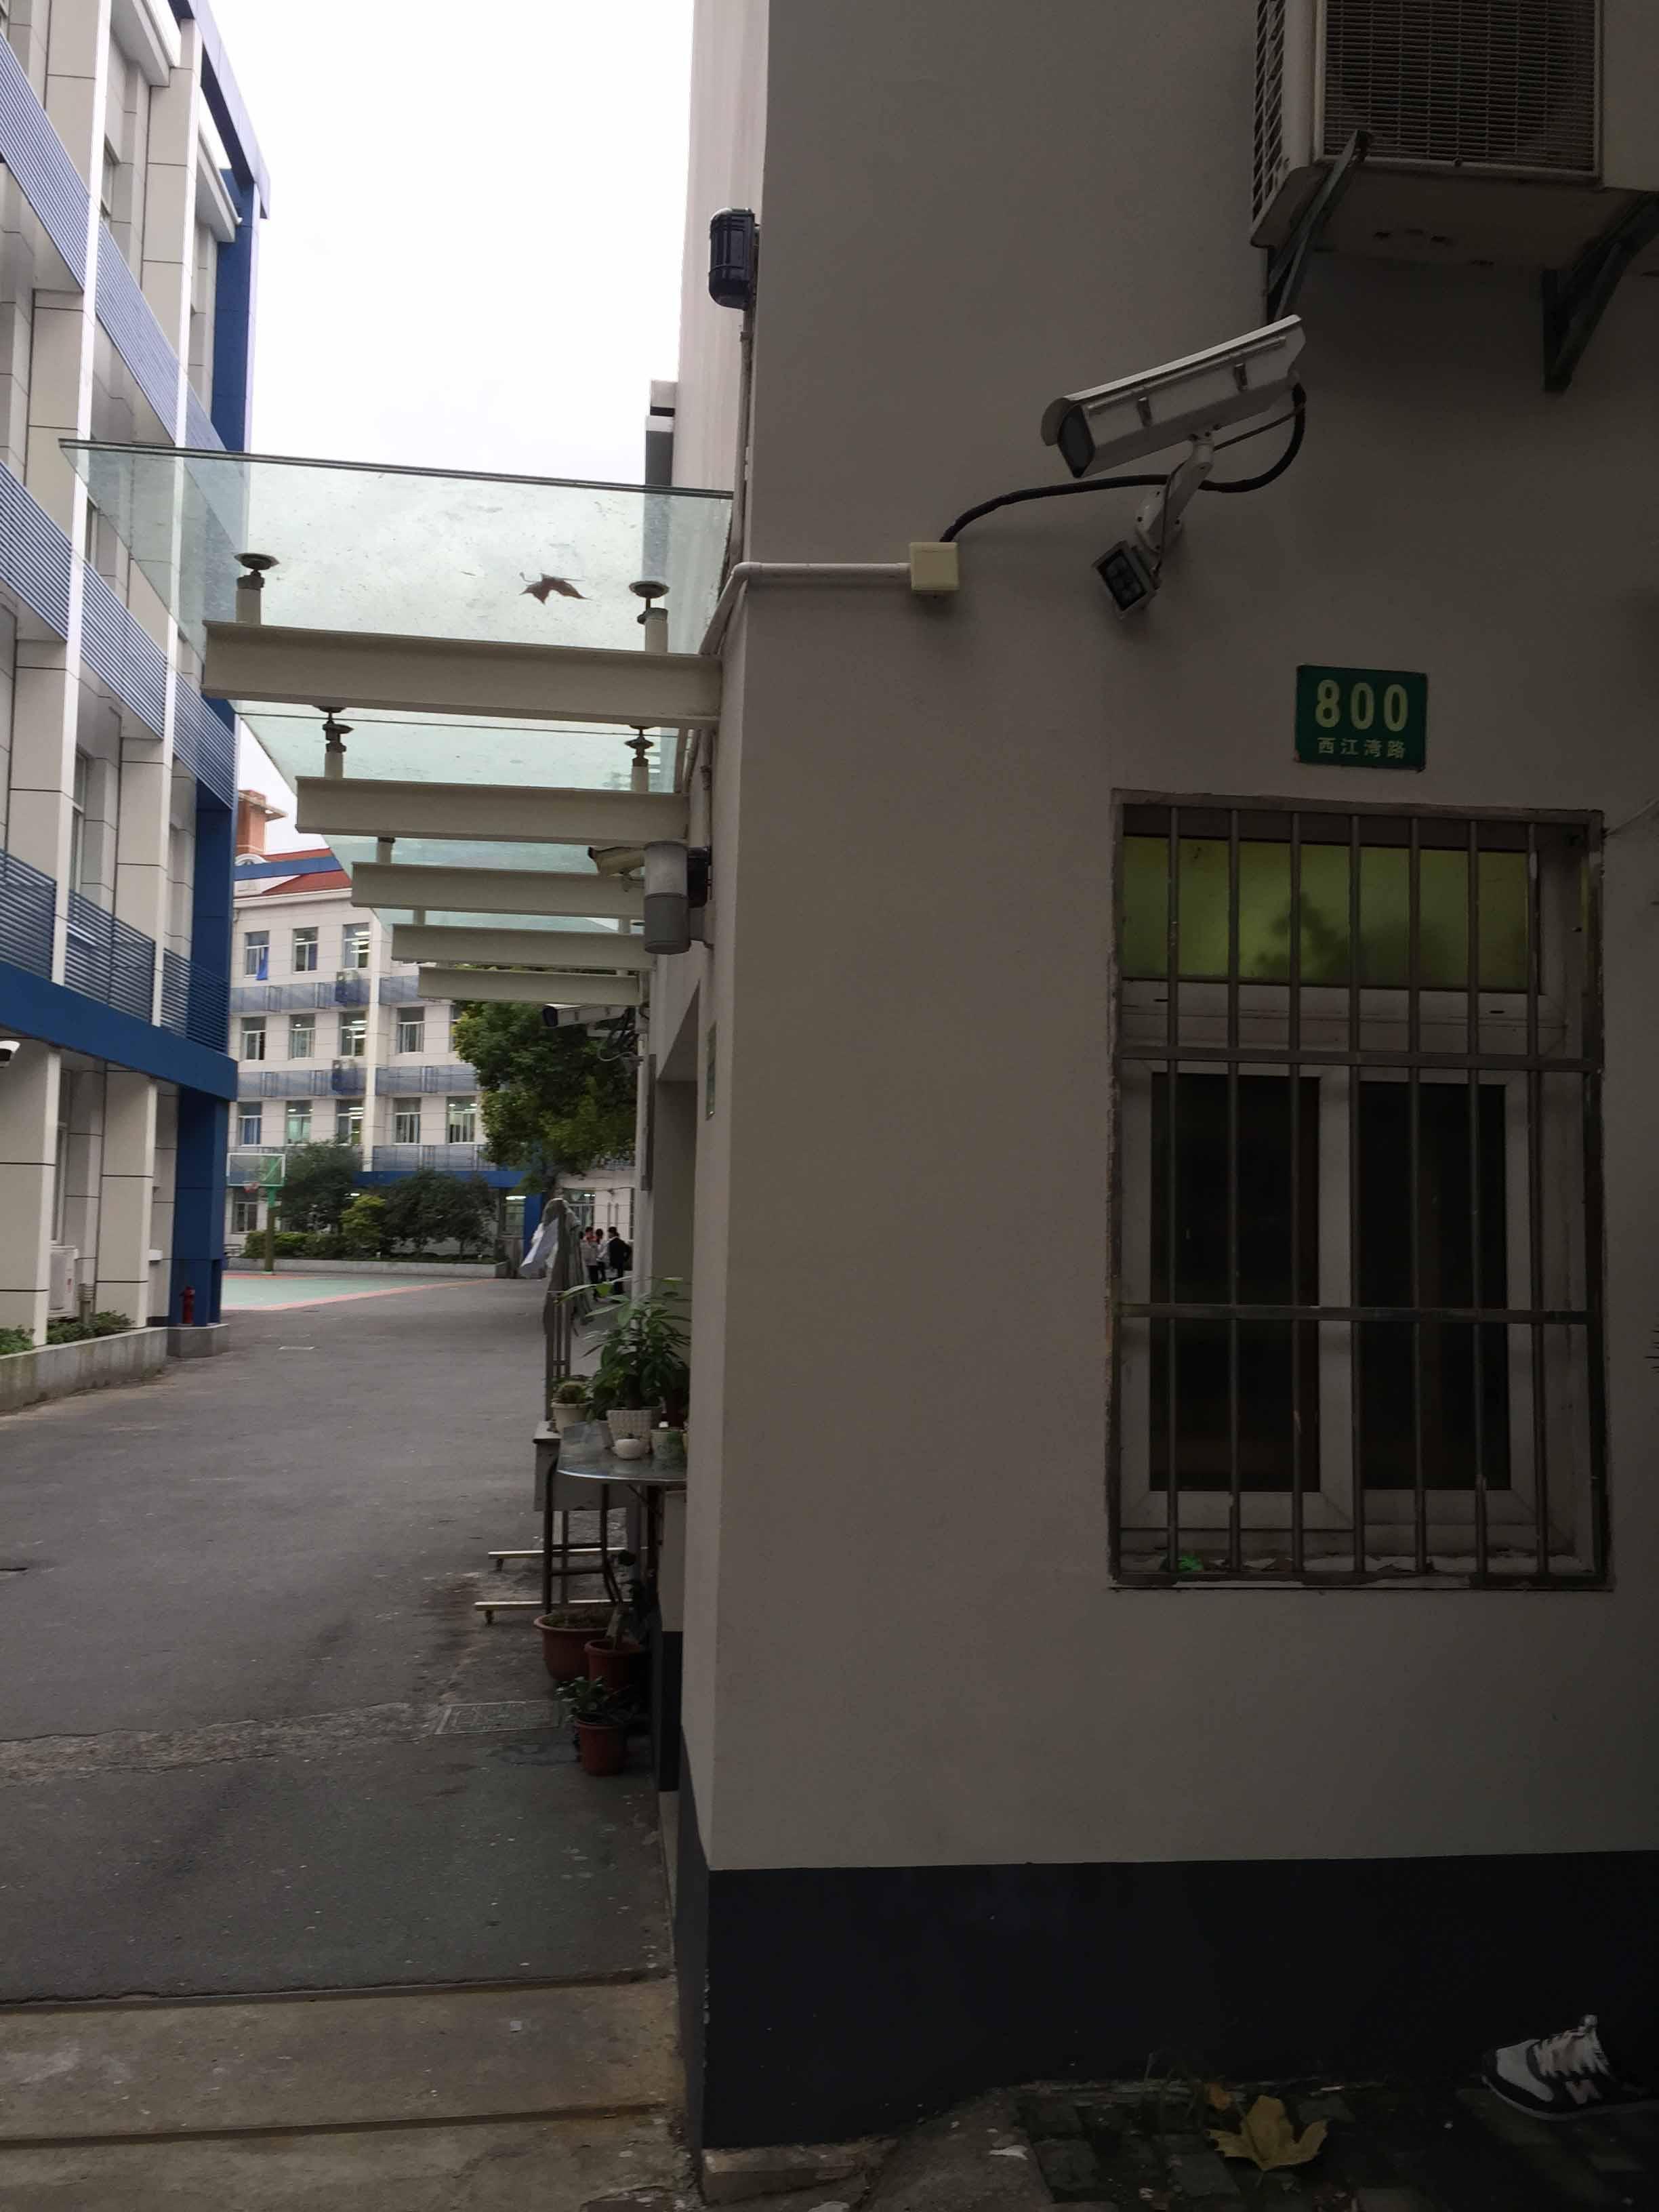 西江湾路800号,是当年钟山中学的旧址。现为上海外国语大学第一实验学校,教学大楼的主楼未变,副楼系后来所建。(配于《西江湾路上的人流》一章中).JPG